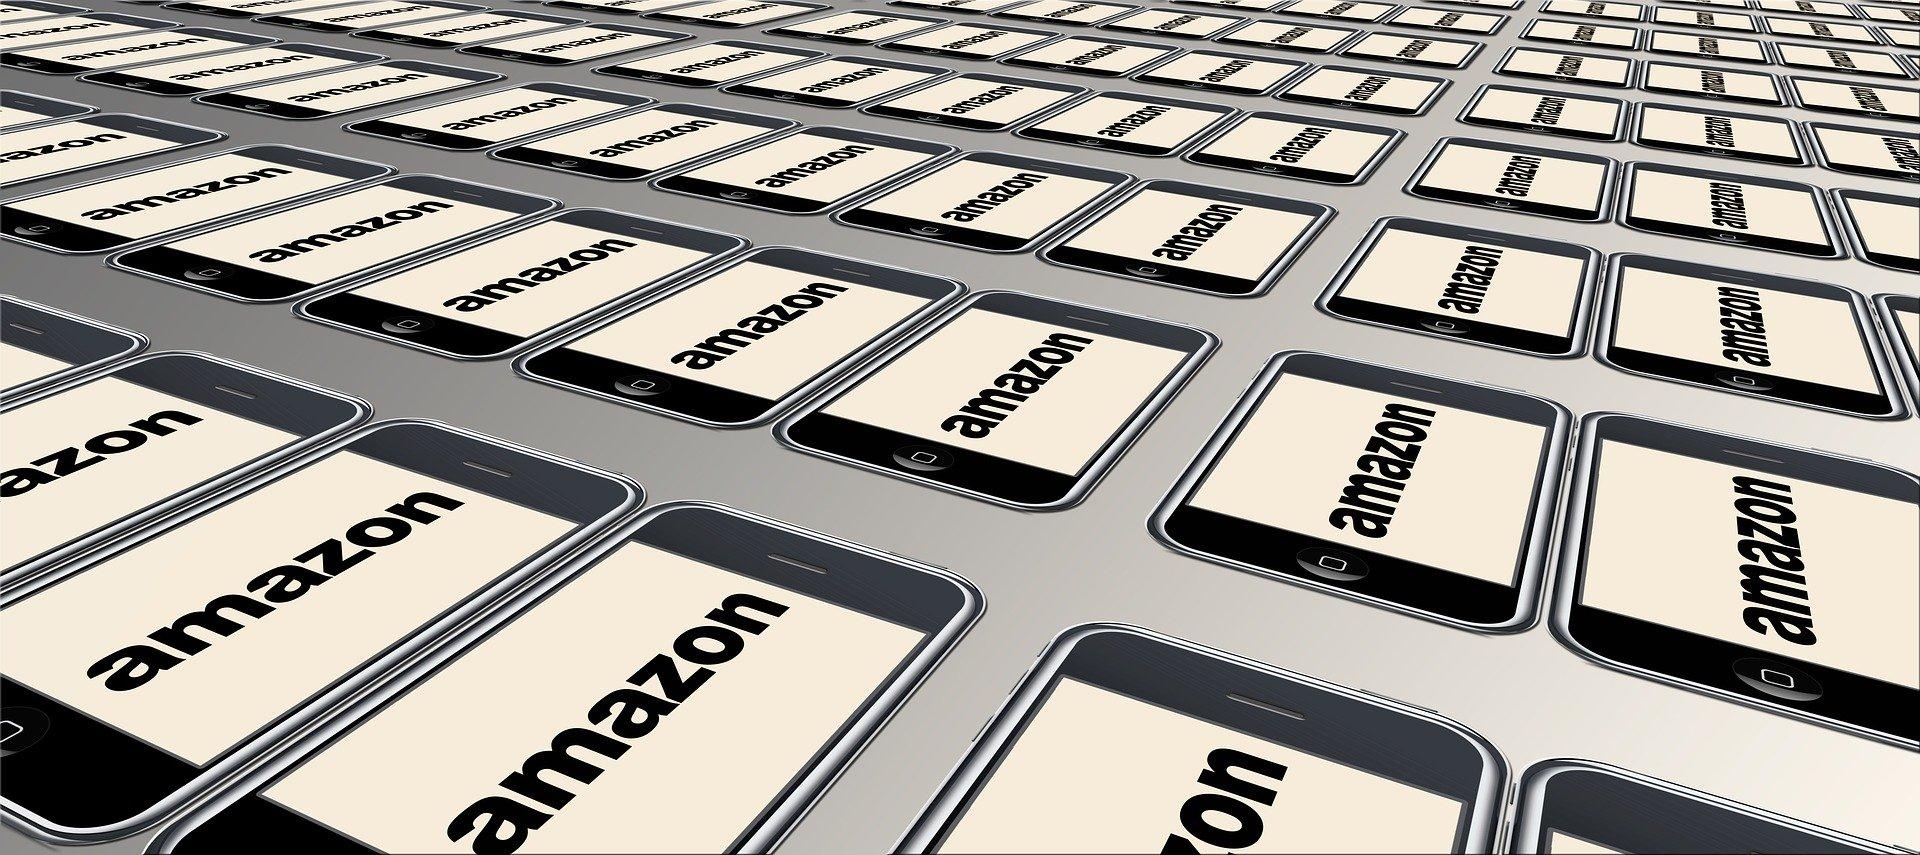 La importancia de Amazon en la venta de libros en EE.UU. sigue creciendo